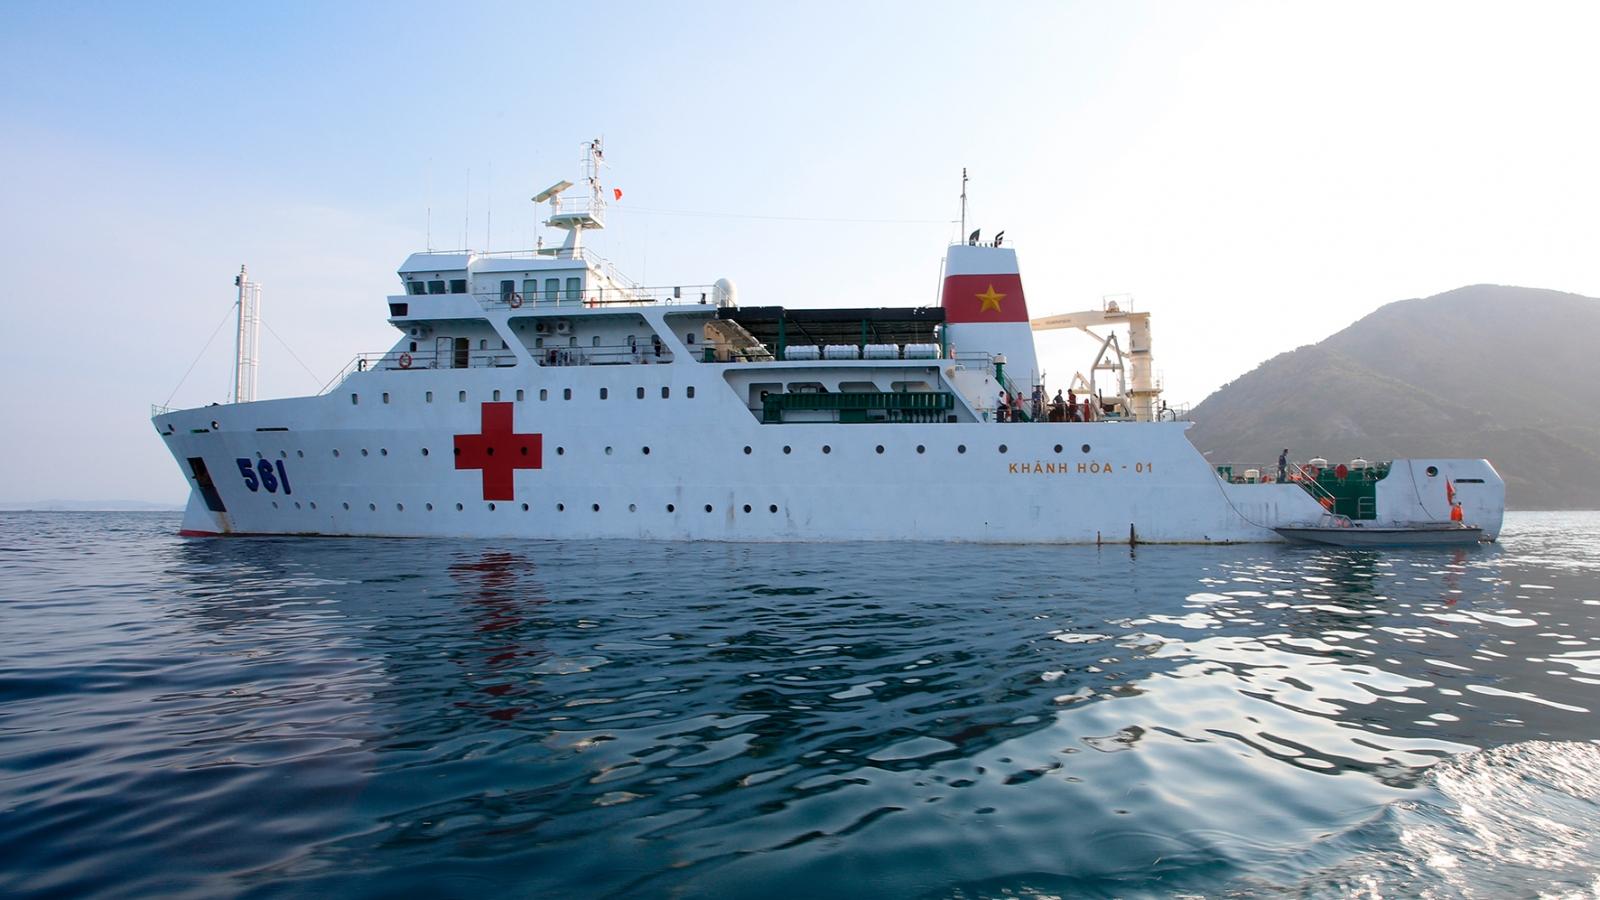 Tàu 561- Bệnh viện di động giữa biển khơi